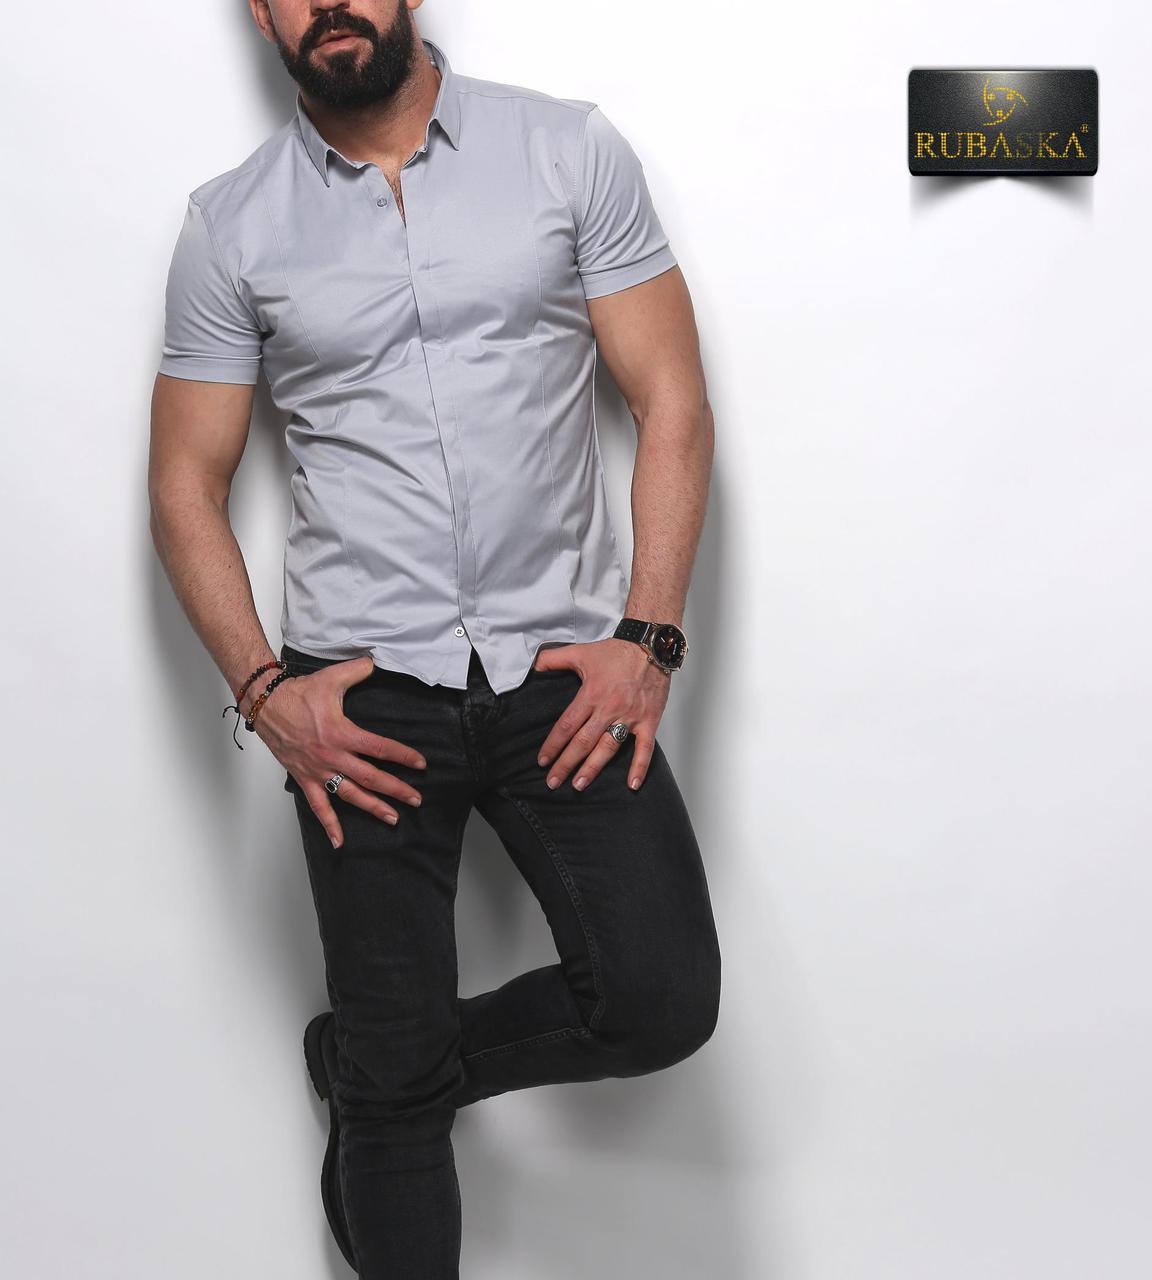 Стильная серая классическая мужская рубашка с короткими рукавами на пуговицах Турция,С,М,Л,ХЛ